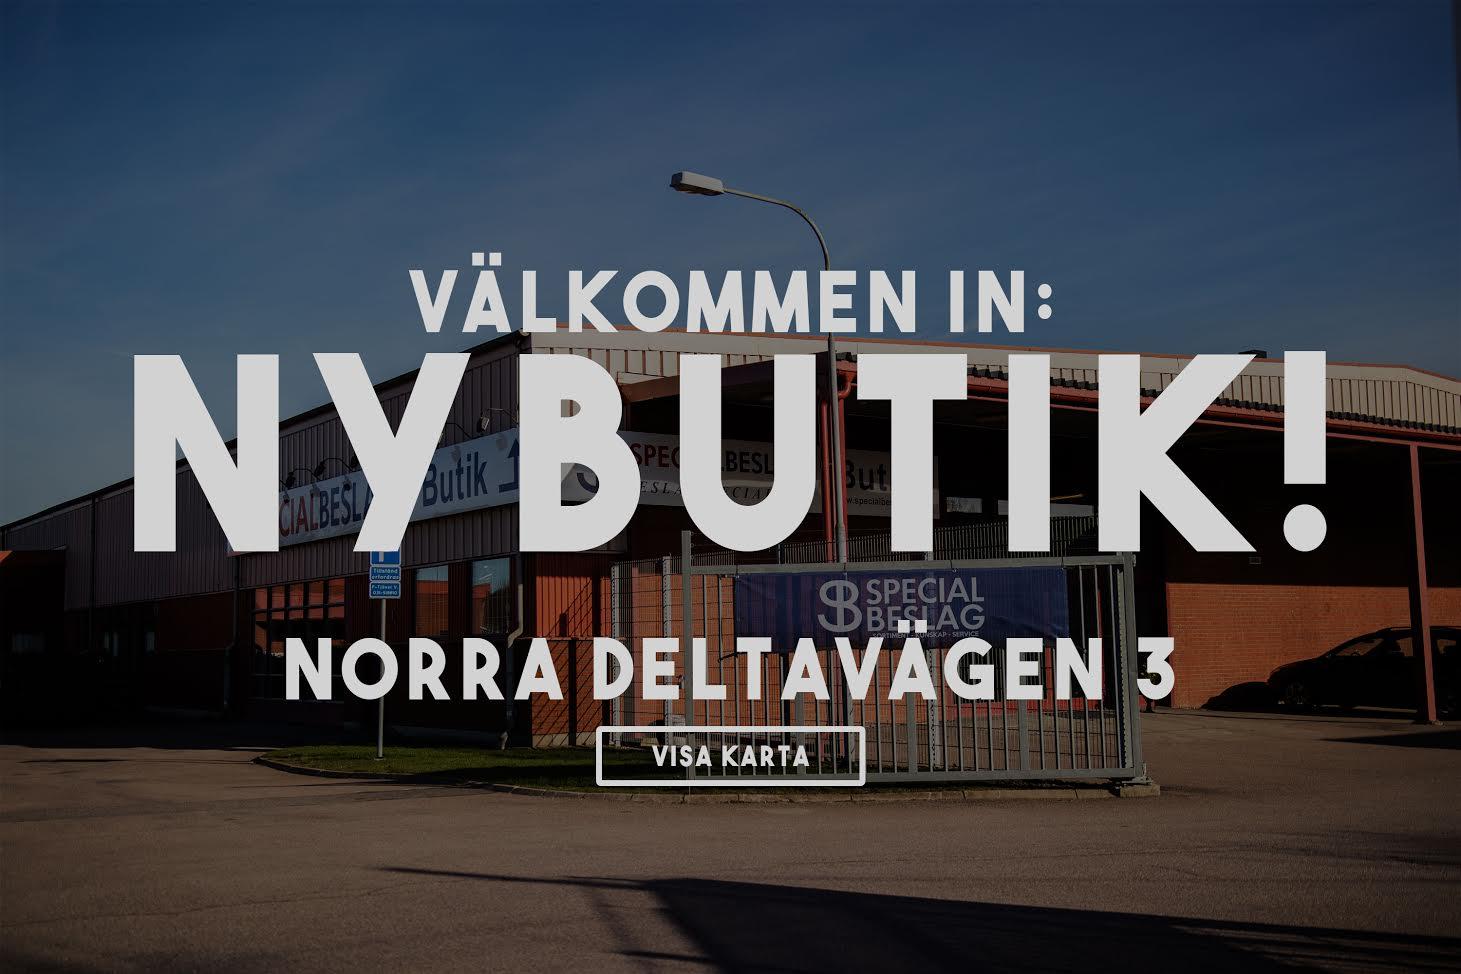 Välkommen till NY BUTIK, Norra Deltavägen 3